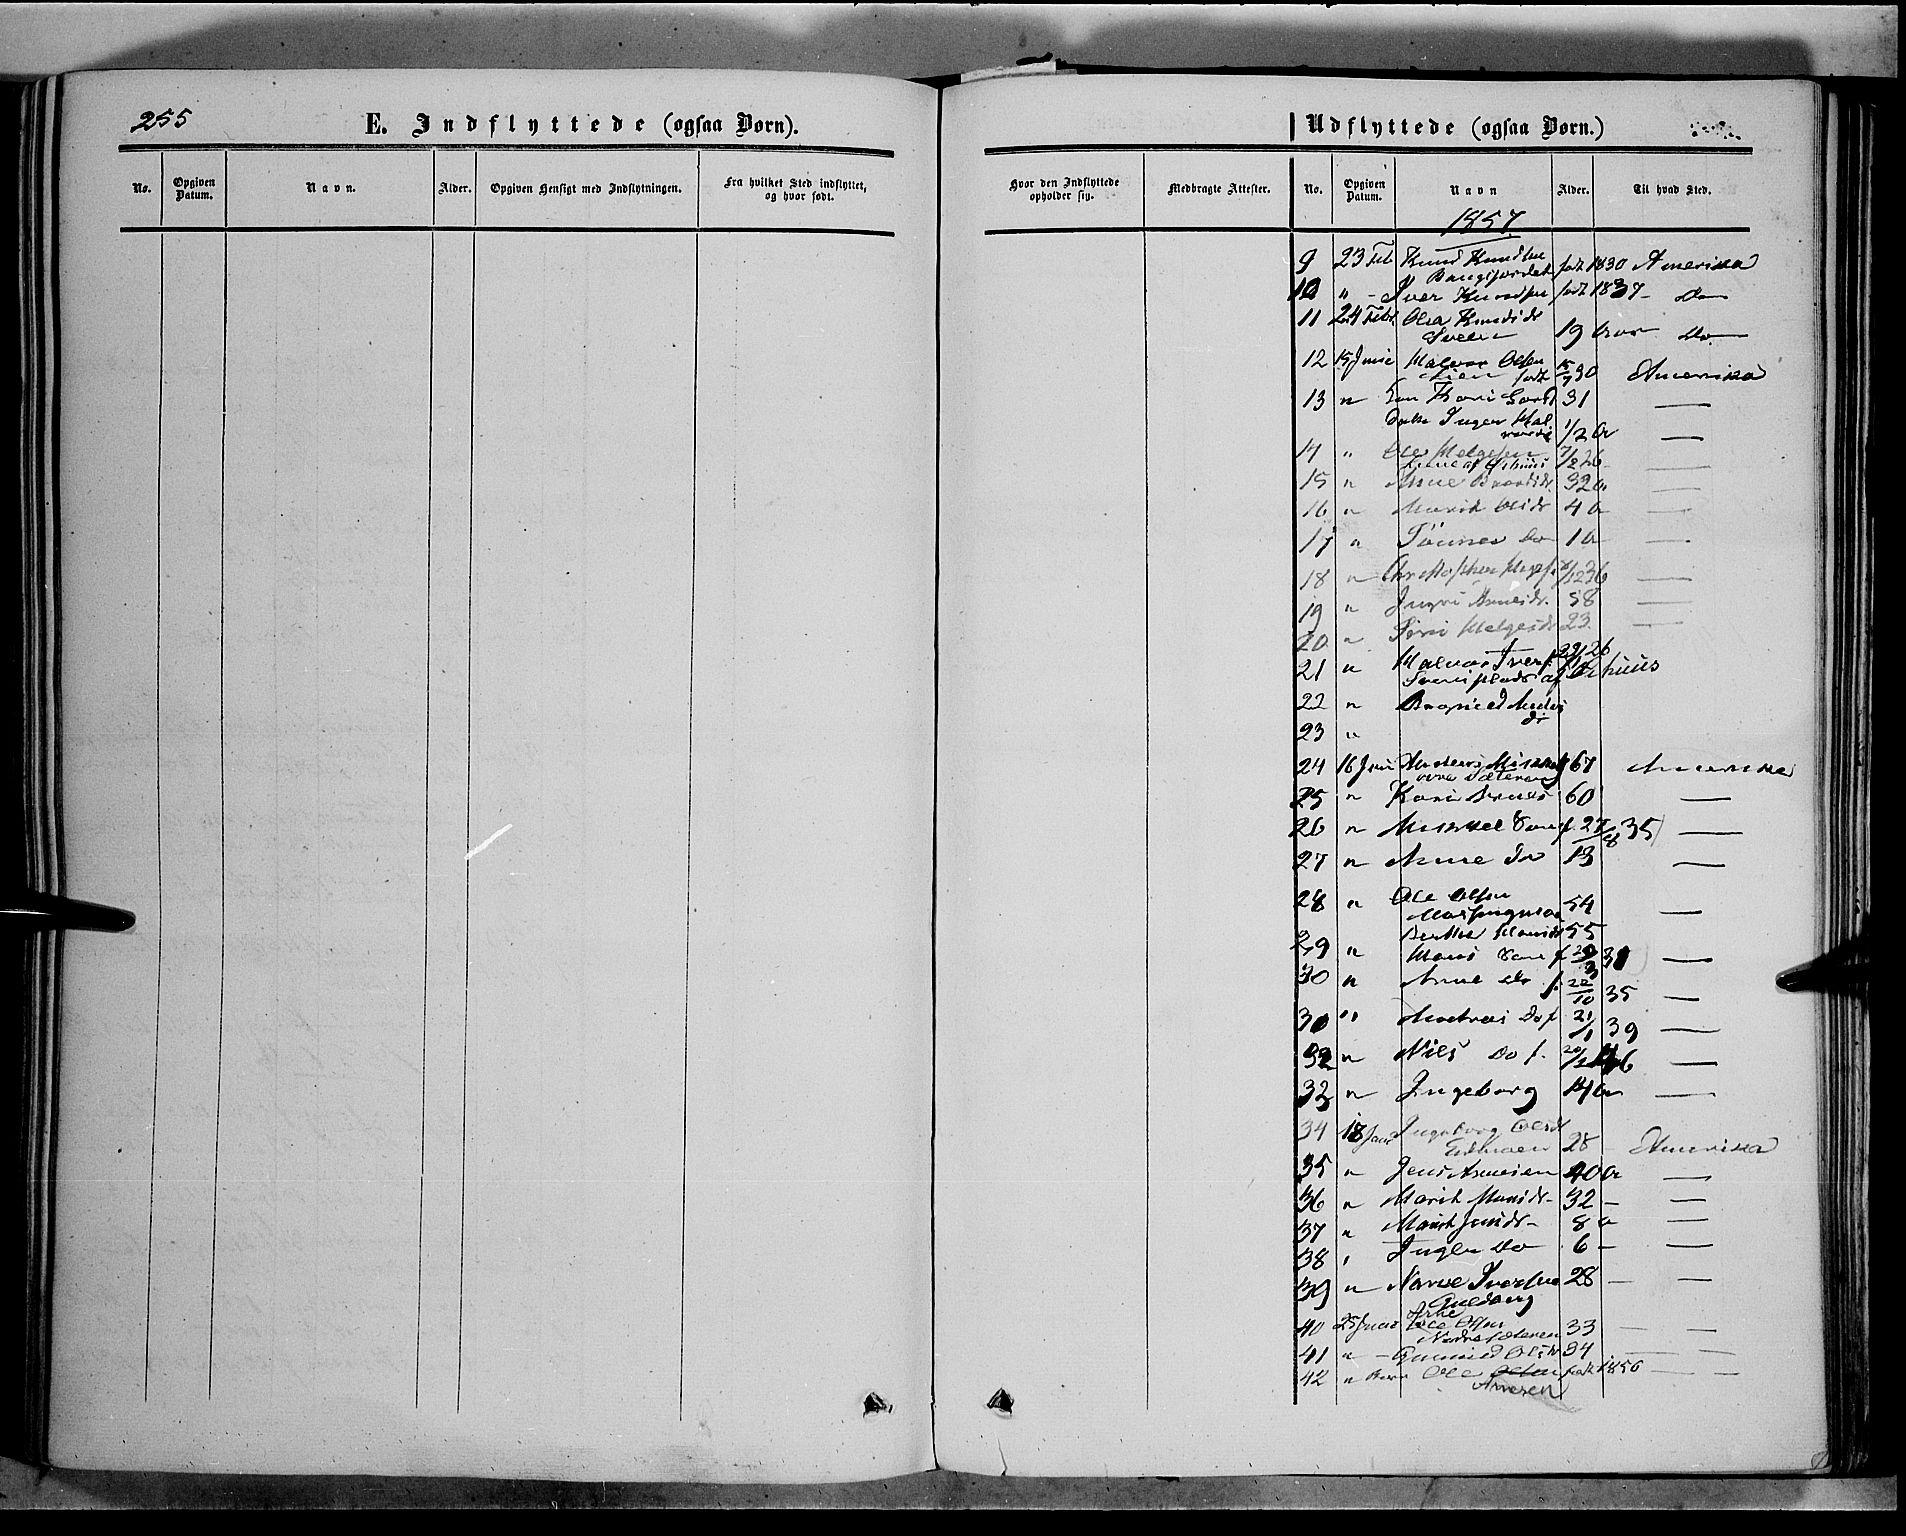 SAH, Sør-Aurdal prestekontor, Ministerialbok nr. 5, 1849-1876, s. 255